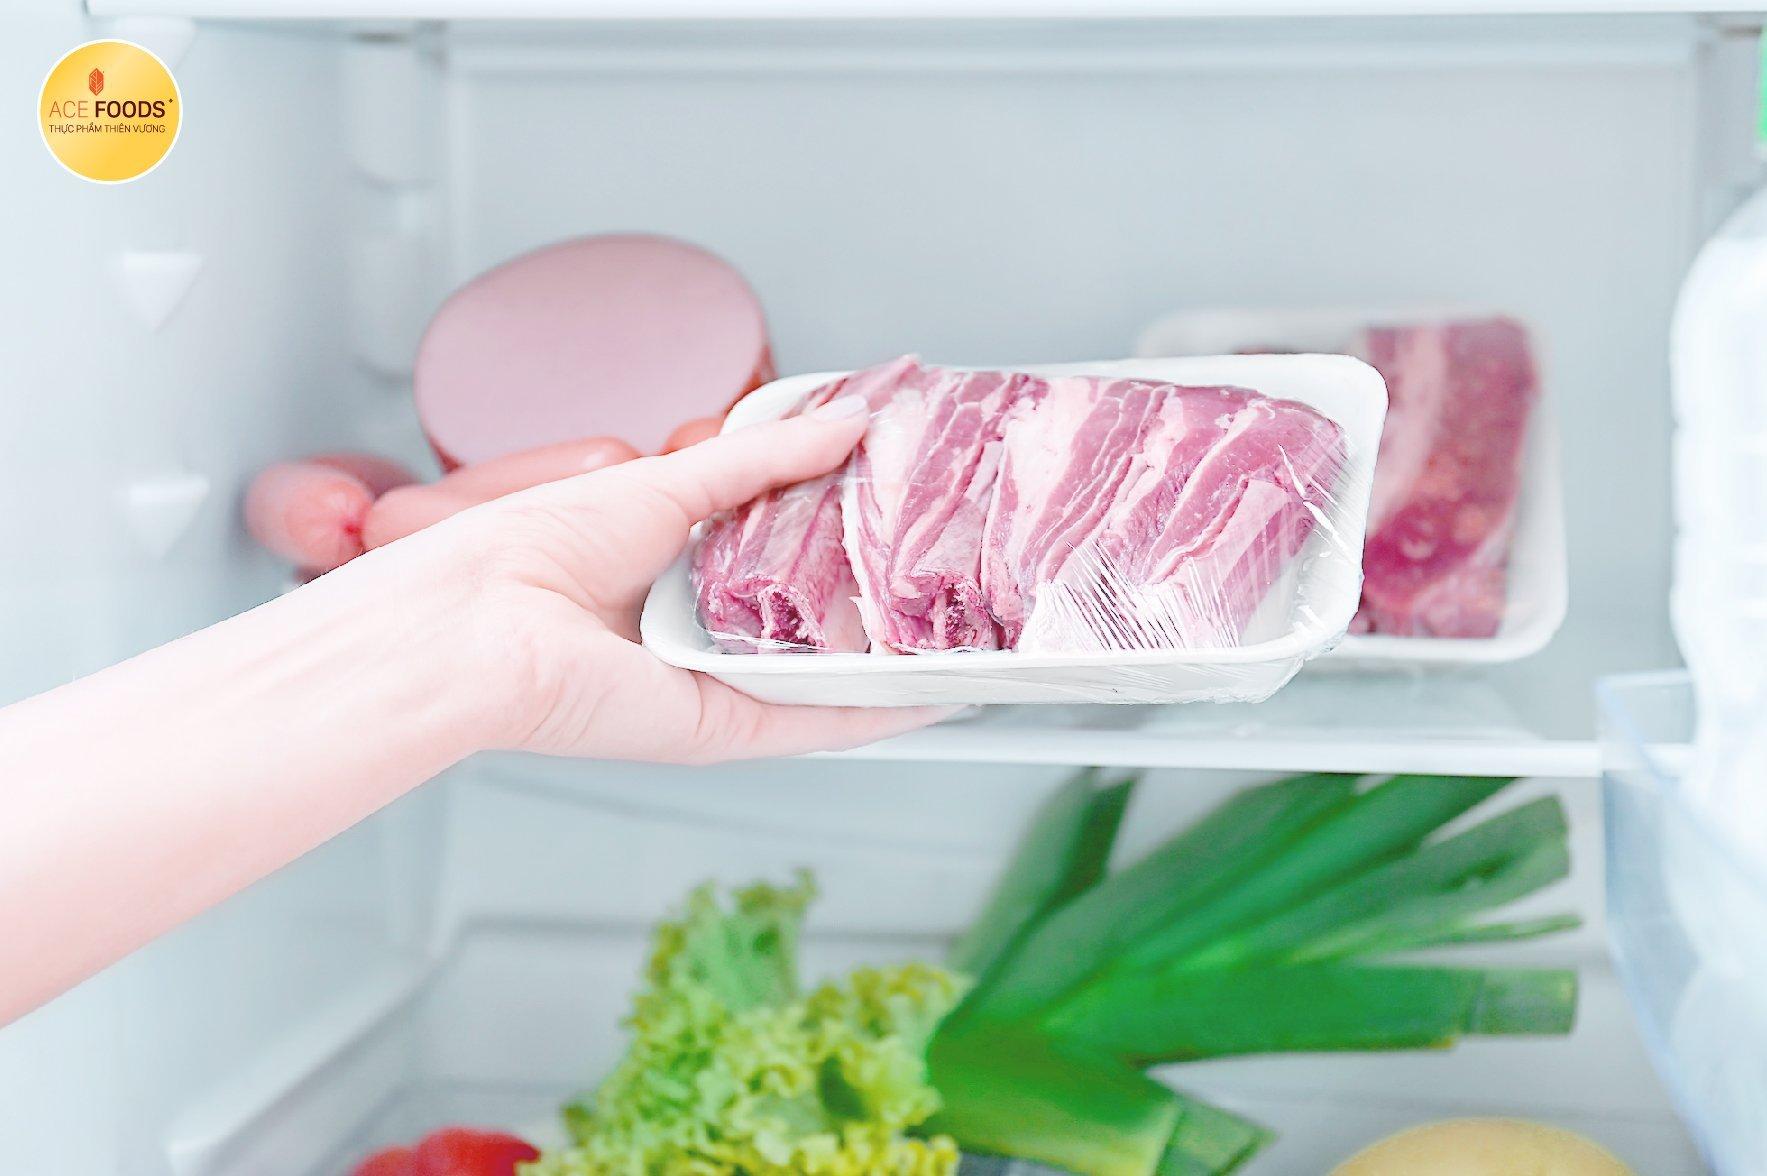 Bảo quản thịt heo đã ướp trong ngăn mát tủ lạnh nên chia thành các gói nhỏ và bọc màng kín